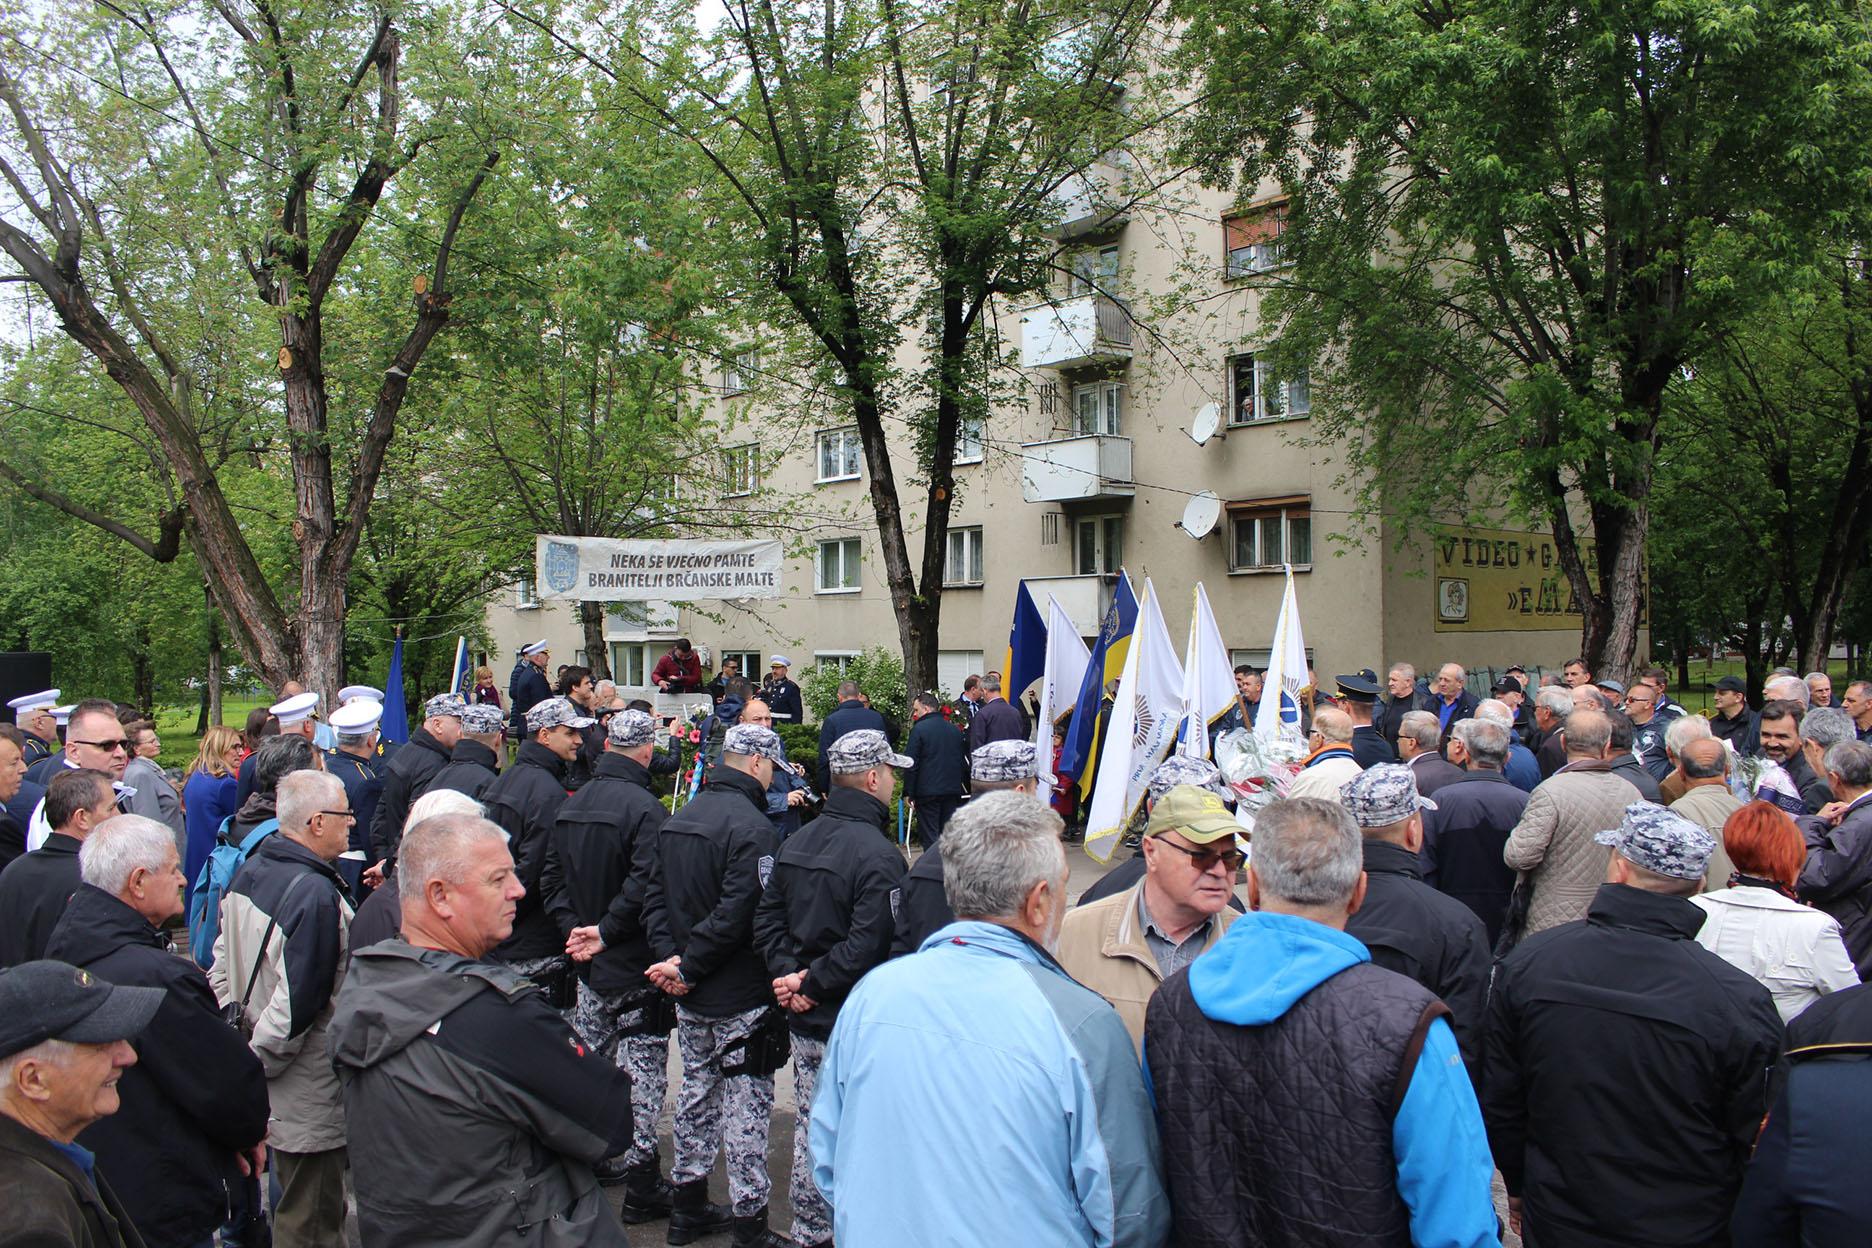 Upriličeno obilježavanje 15. maja–Dana odbrane Tuzle, značajnog datuma iz historije Bosne i Hercegovine i Tuzle